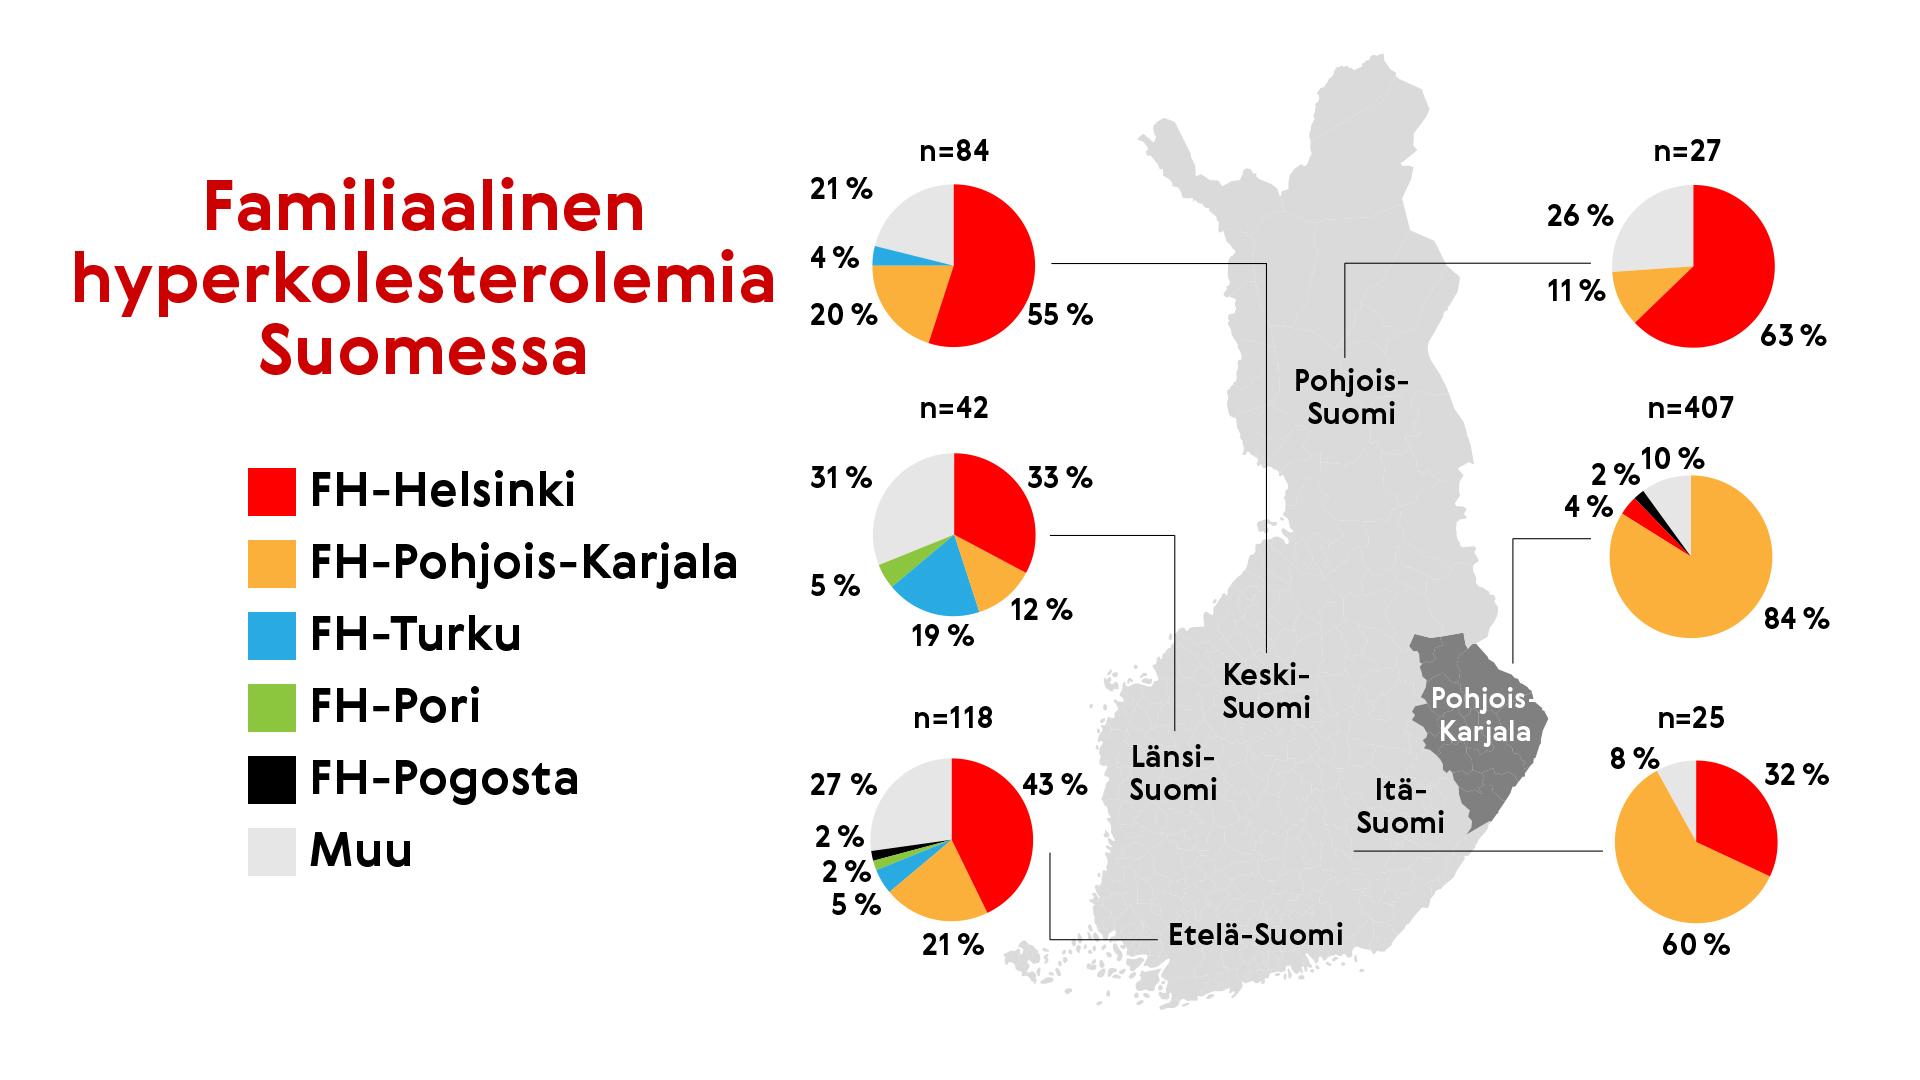 Suomessa esiintyviä FH-mutaatioita on useita.